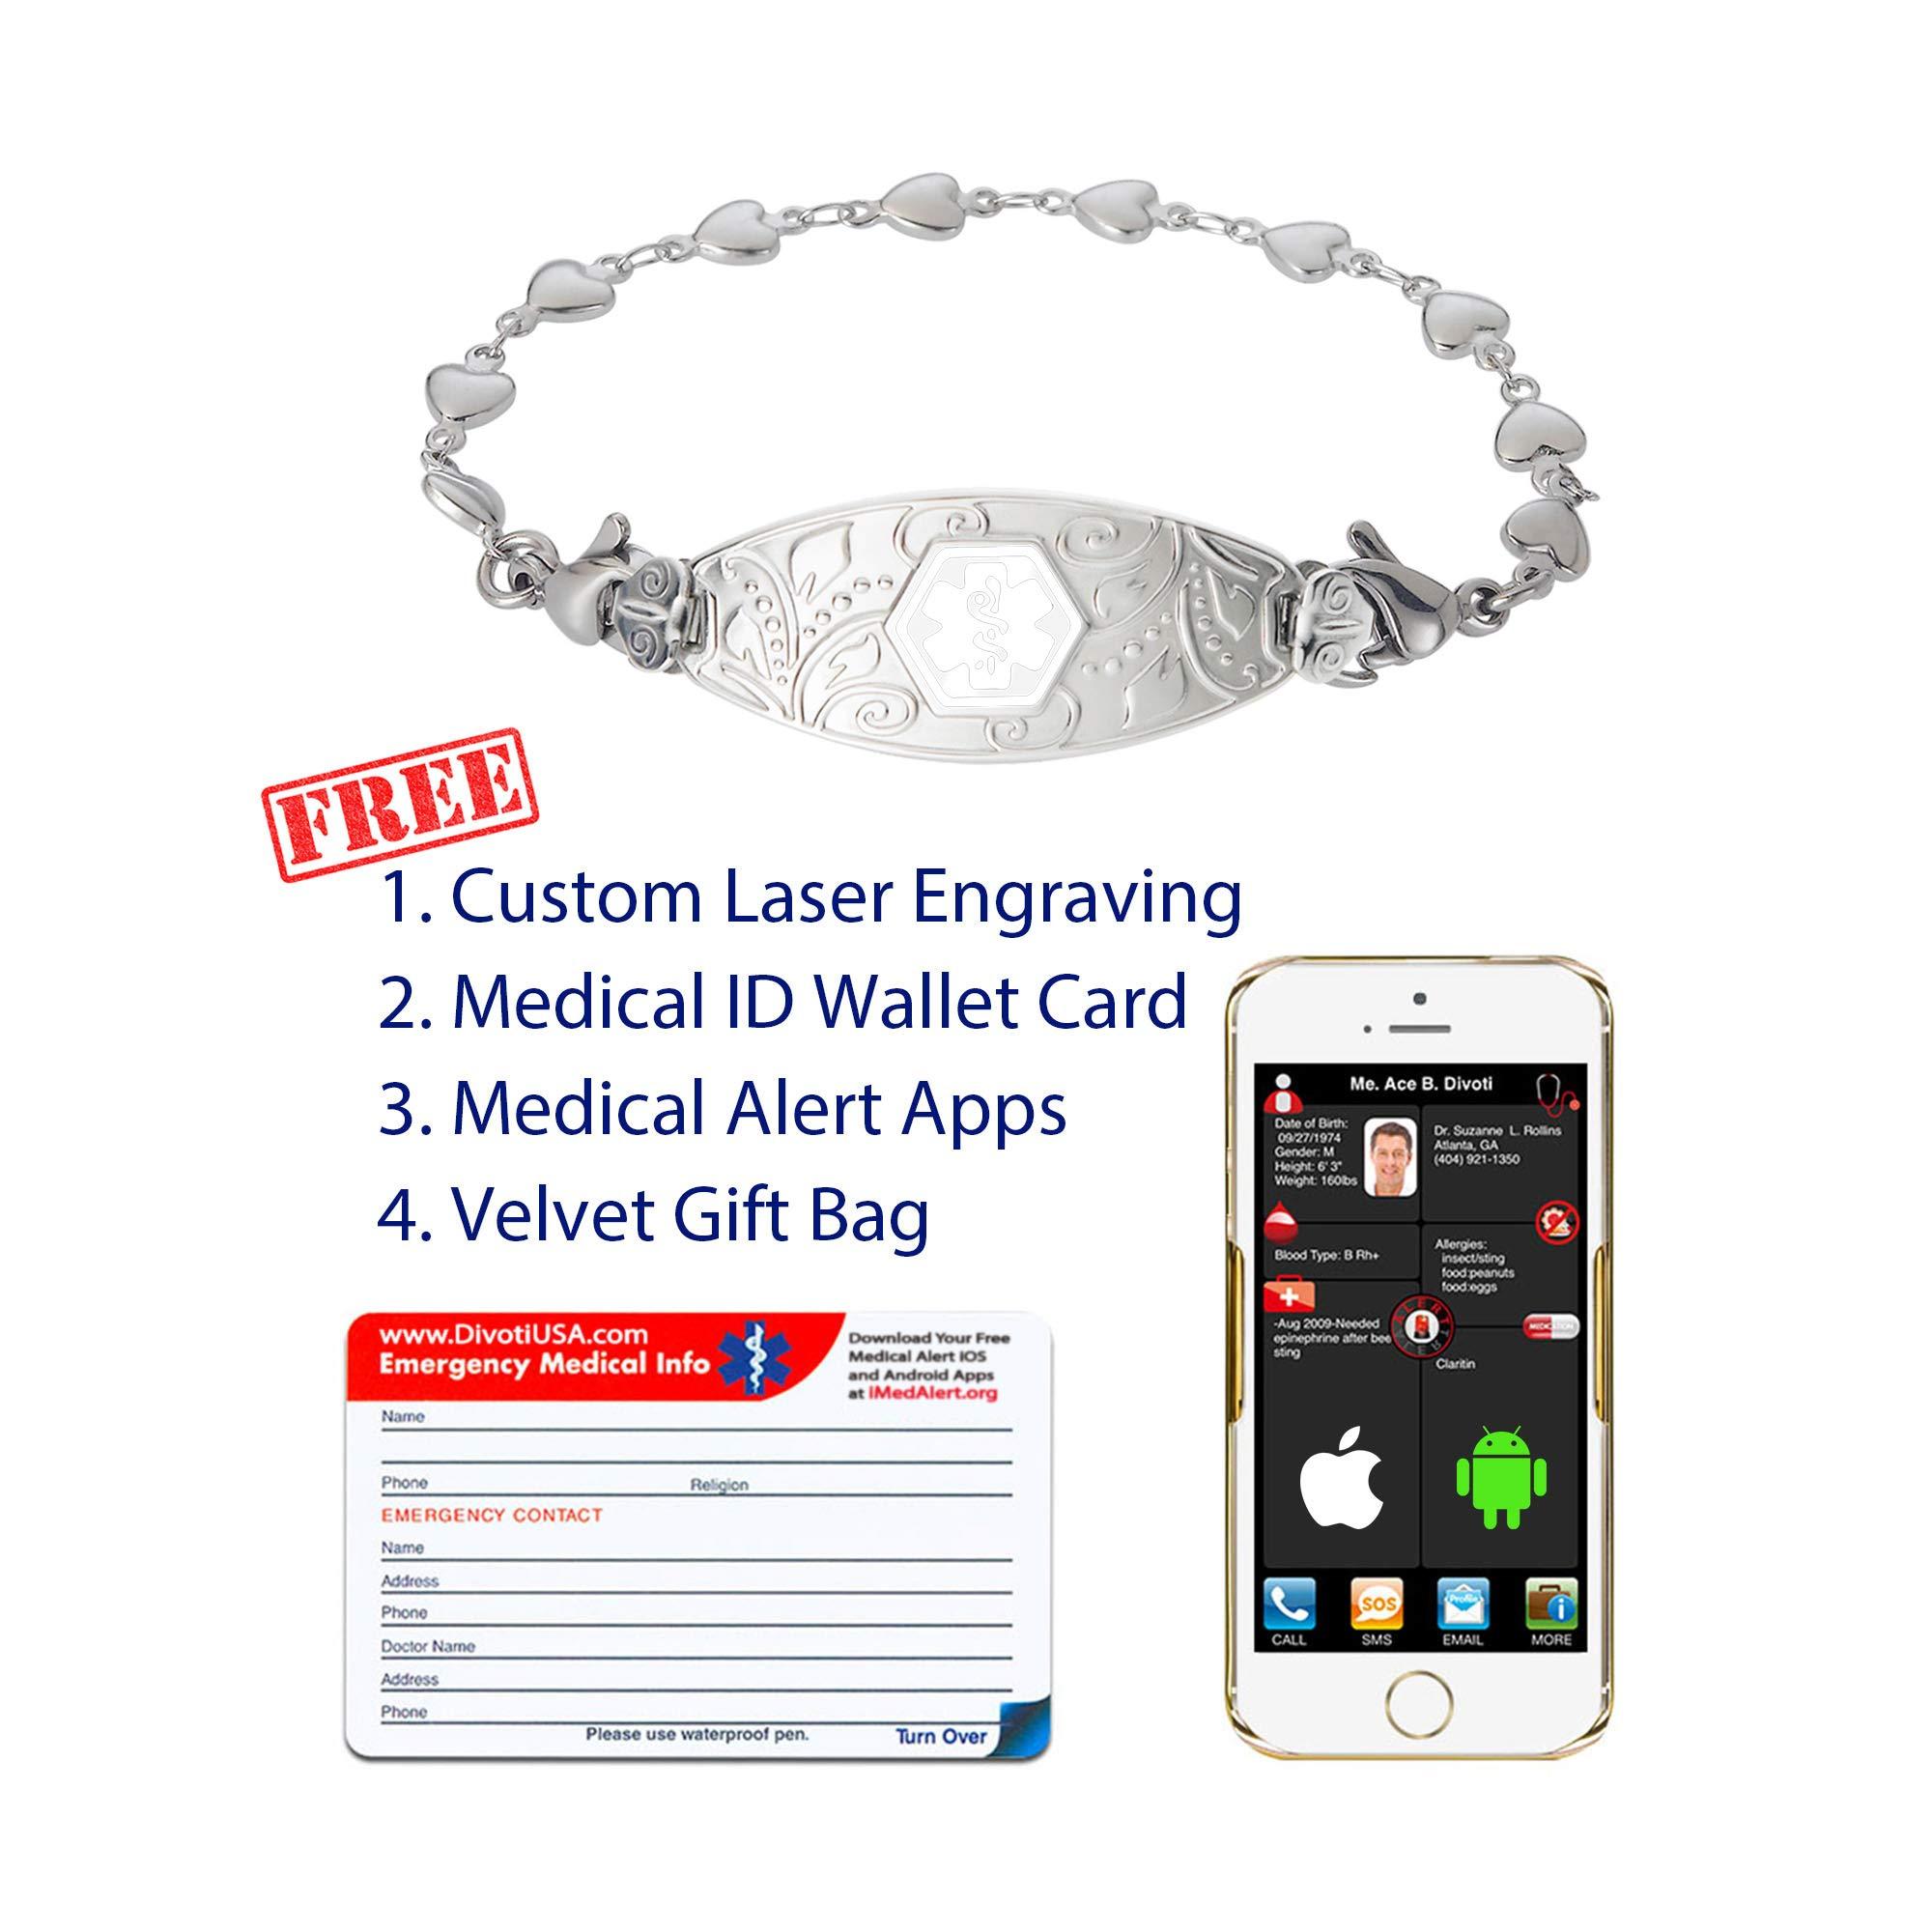 Divoti Custom Engraved Medical Alert Bracelets for Women, Stainless Steel Medical Bracelet, Medical ID Bracelet w/Free Engraving - Lovely Filigree Tag w/Heart Link -White-6.5'' by Divoti (Image #3)